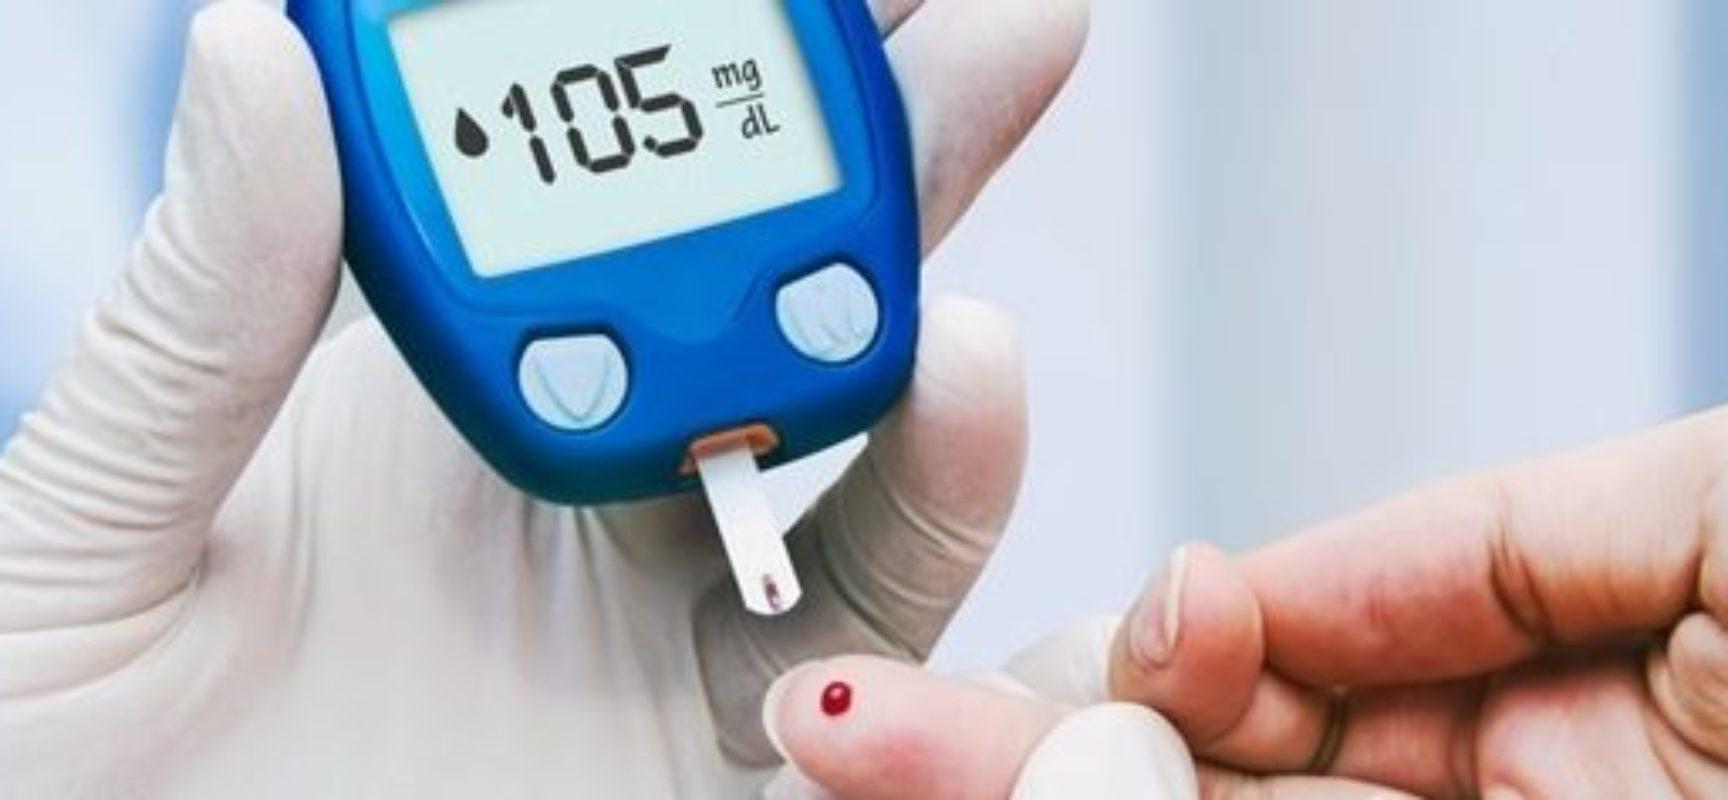 Apesar da mobilização pública, tratamento para pacientes com Diabetes Tipo 2 não será coberto pelos planos de saúde